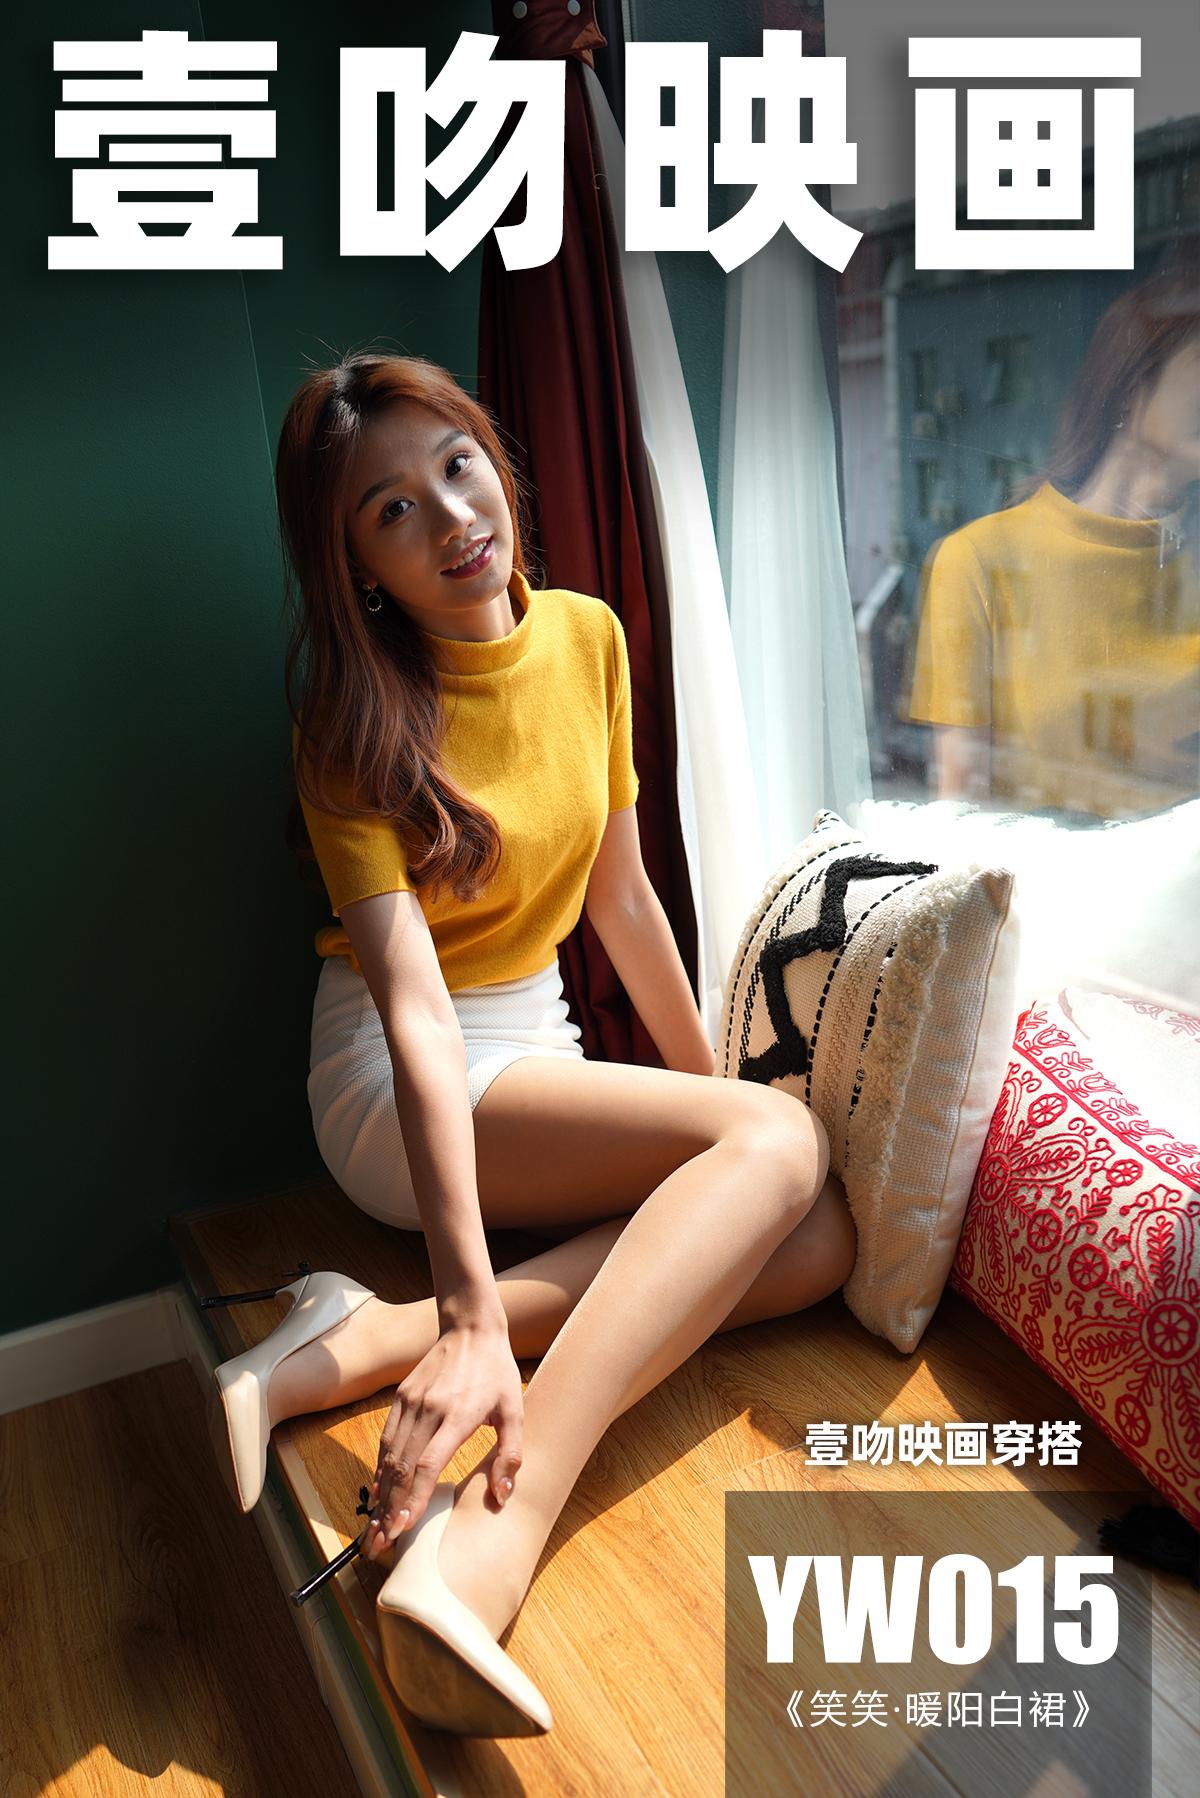 【壹吻映畫系列】2021.03.10 YW015 《 暖陽白裙 》笑笑【100P】 - 貼圖 - 絲襪美腿 -